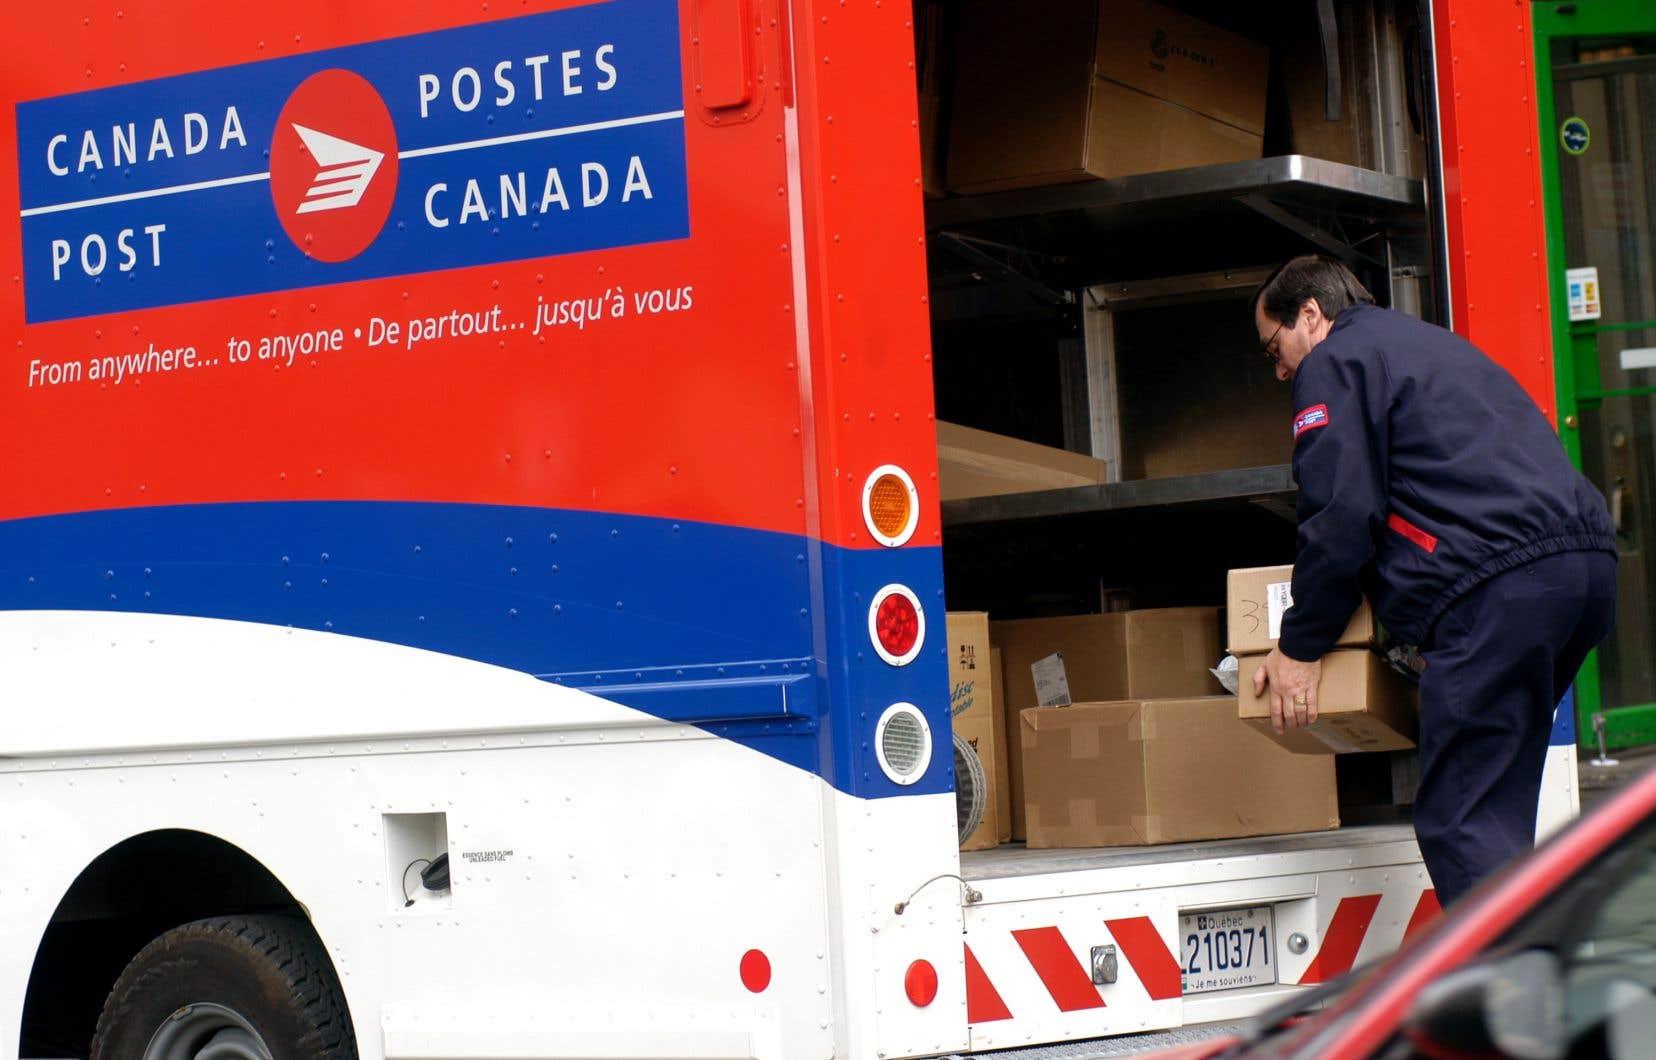 Postes Canada estime qu'elle devra emprunter environ 500millions supplémentaires d'ici 2023 pour couvrir ses besoins en capital.